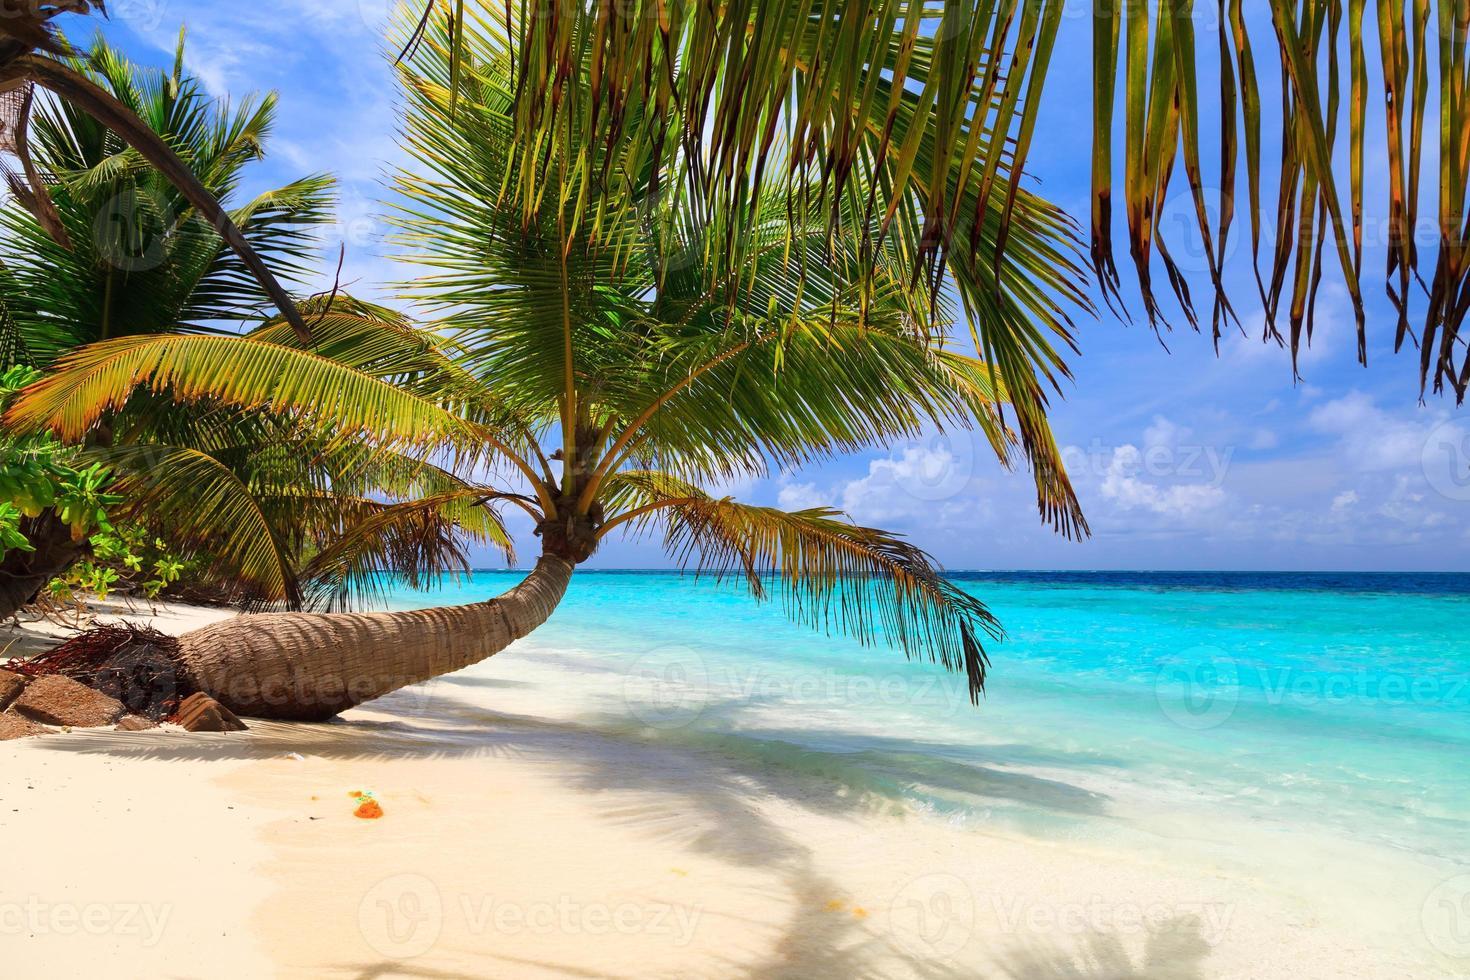 palmeira caída em uma praia das maldivas foto